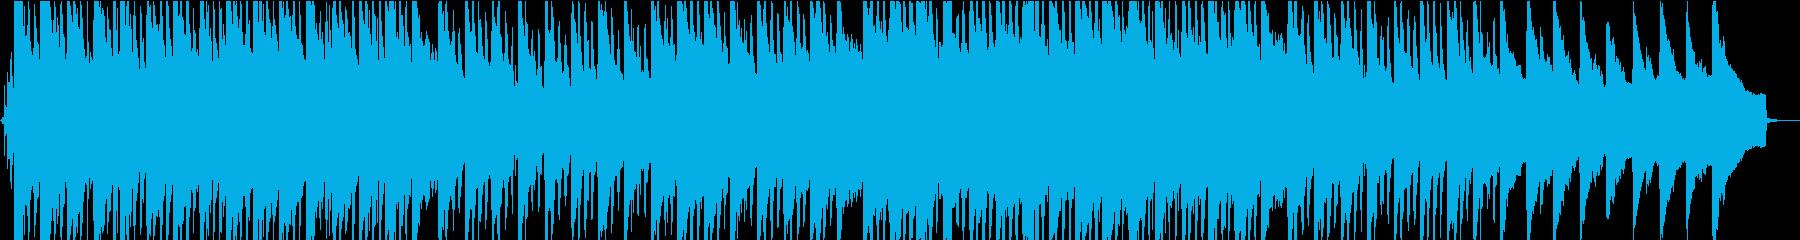 優しい・あたたかいピアノのコーポレート②の再生済みの波形